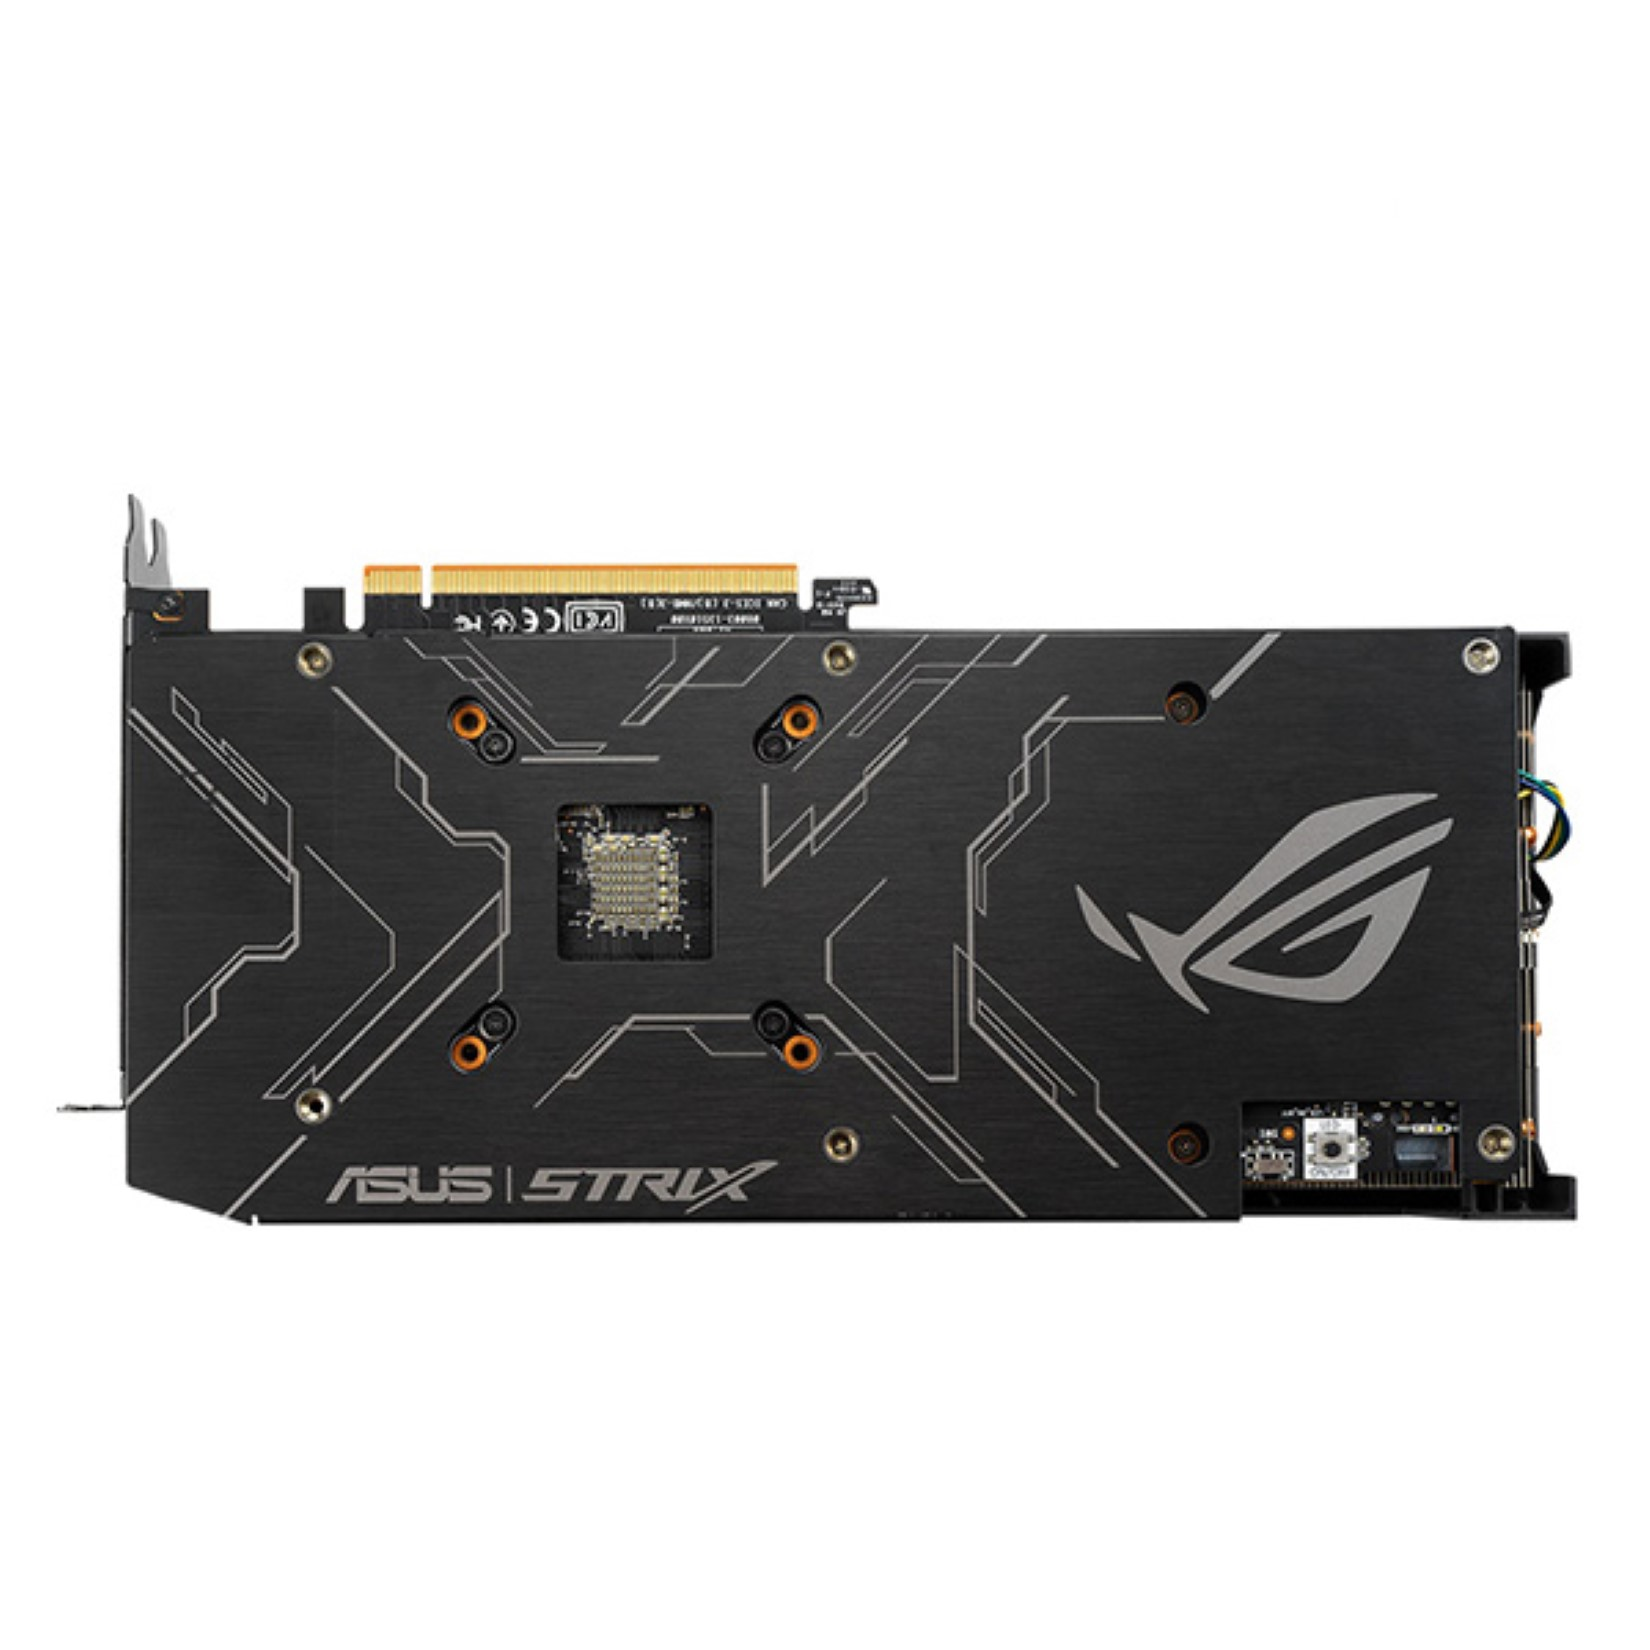 Card màn hình ASUS ROG STRIX RX 5500 XT-O8G GAMING